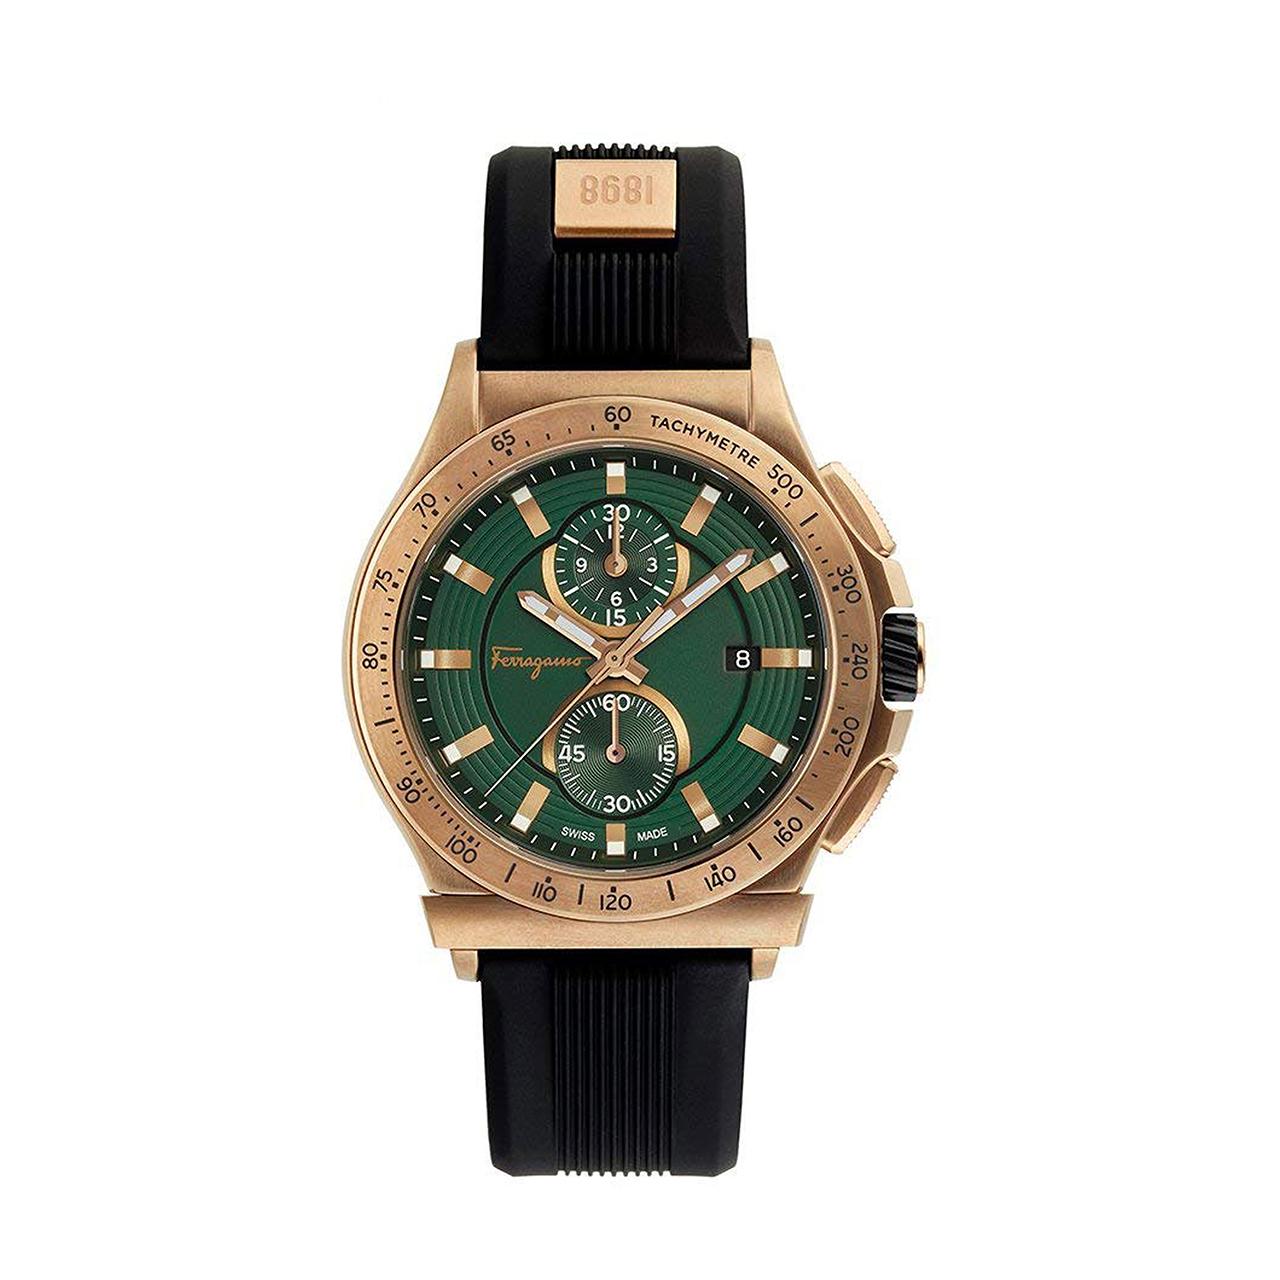 ساعت مچی عقربه ای مردانه سالواتوره فراگامو مدل FFJ010017